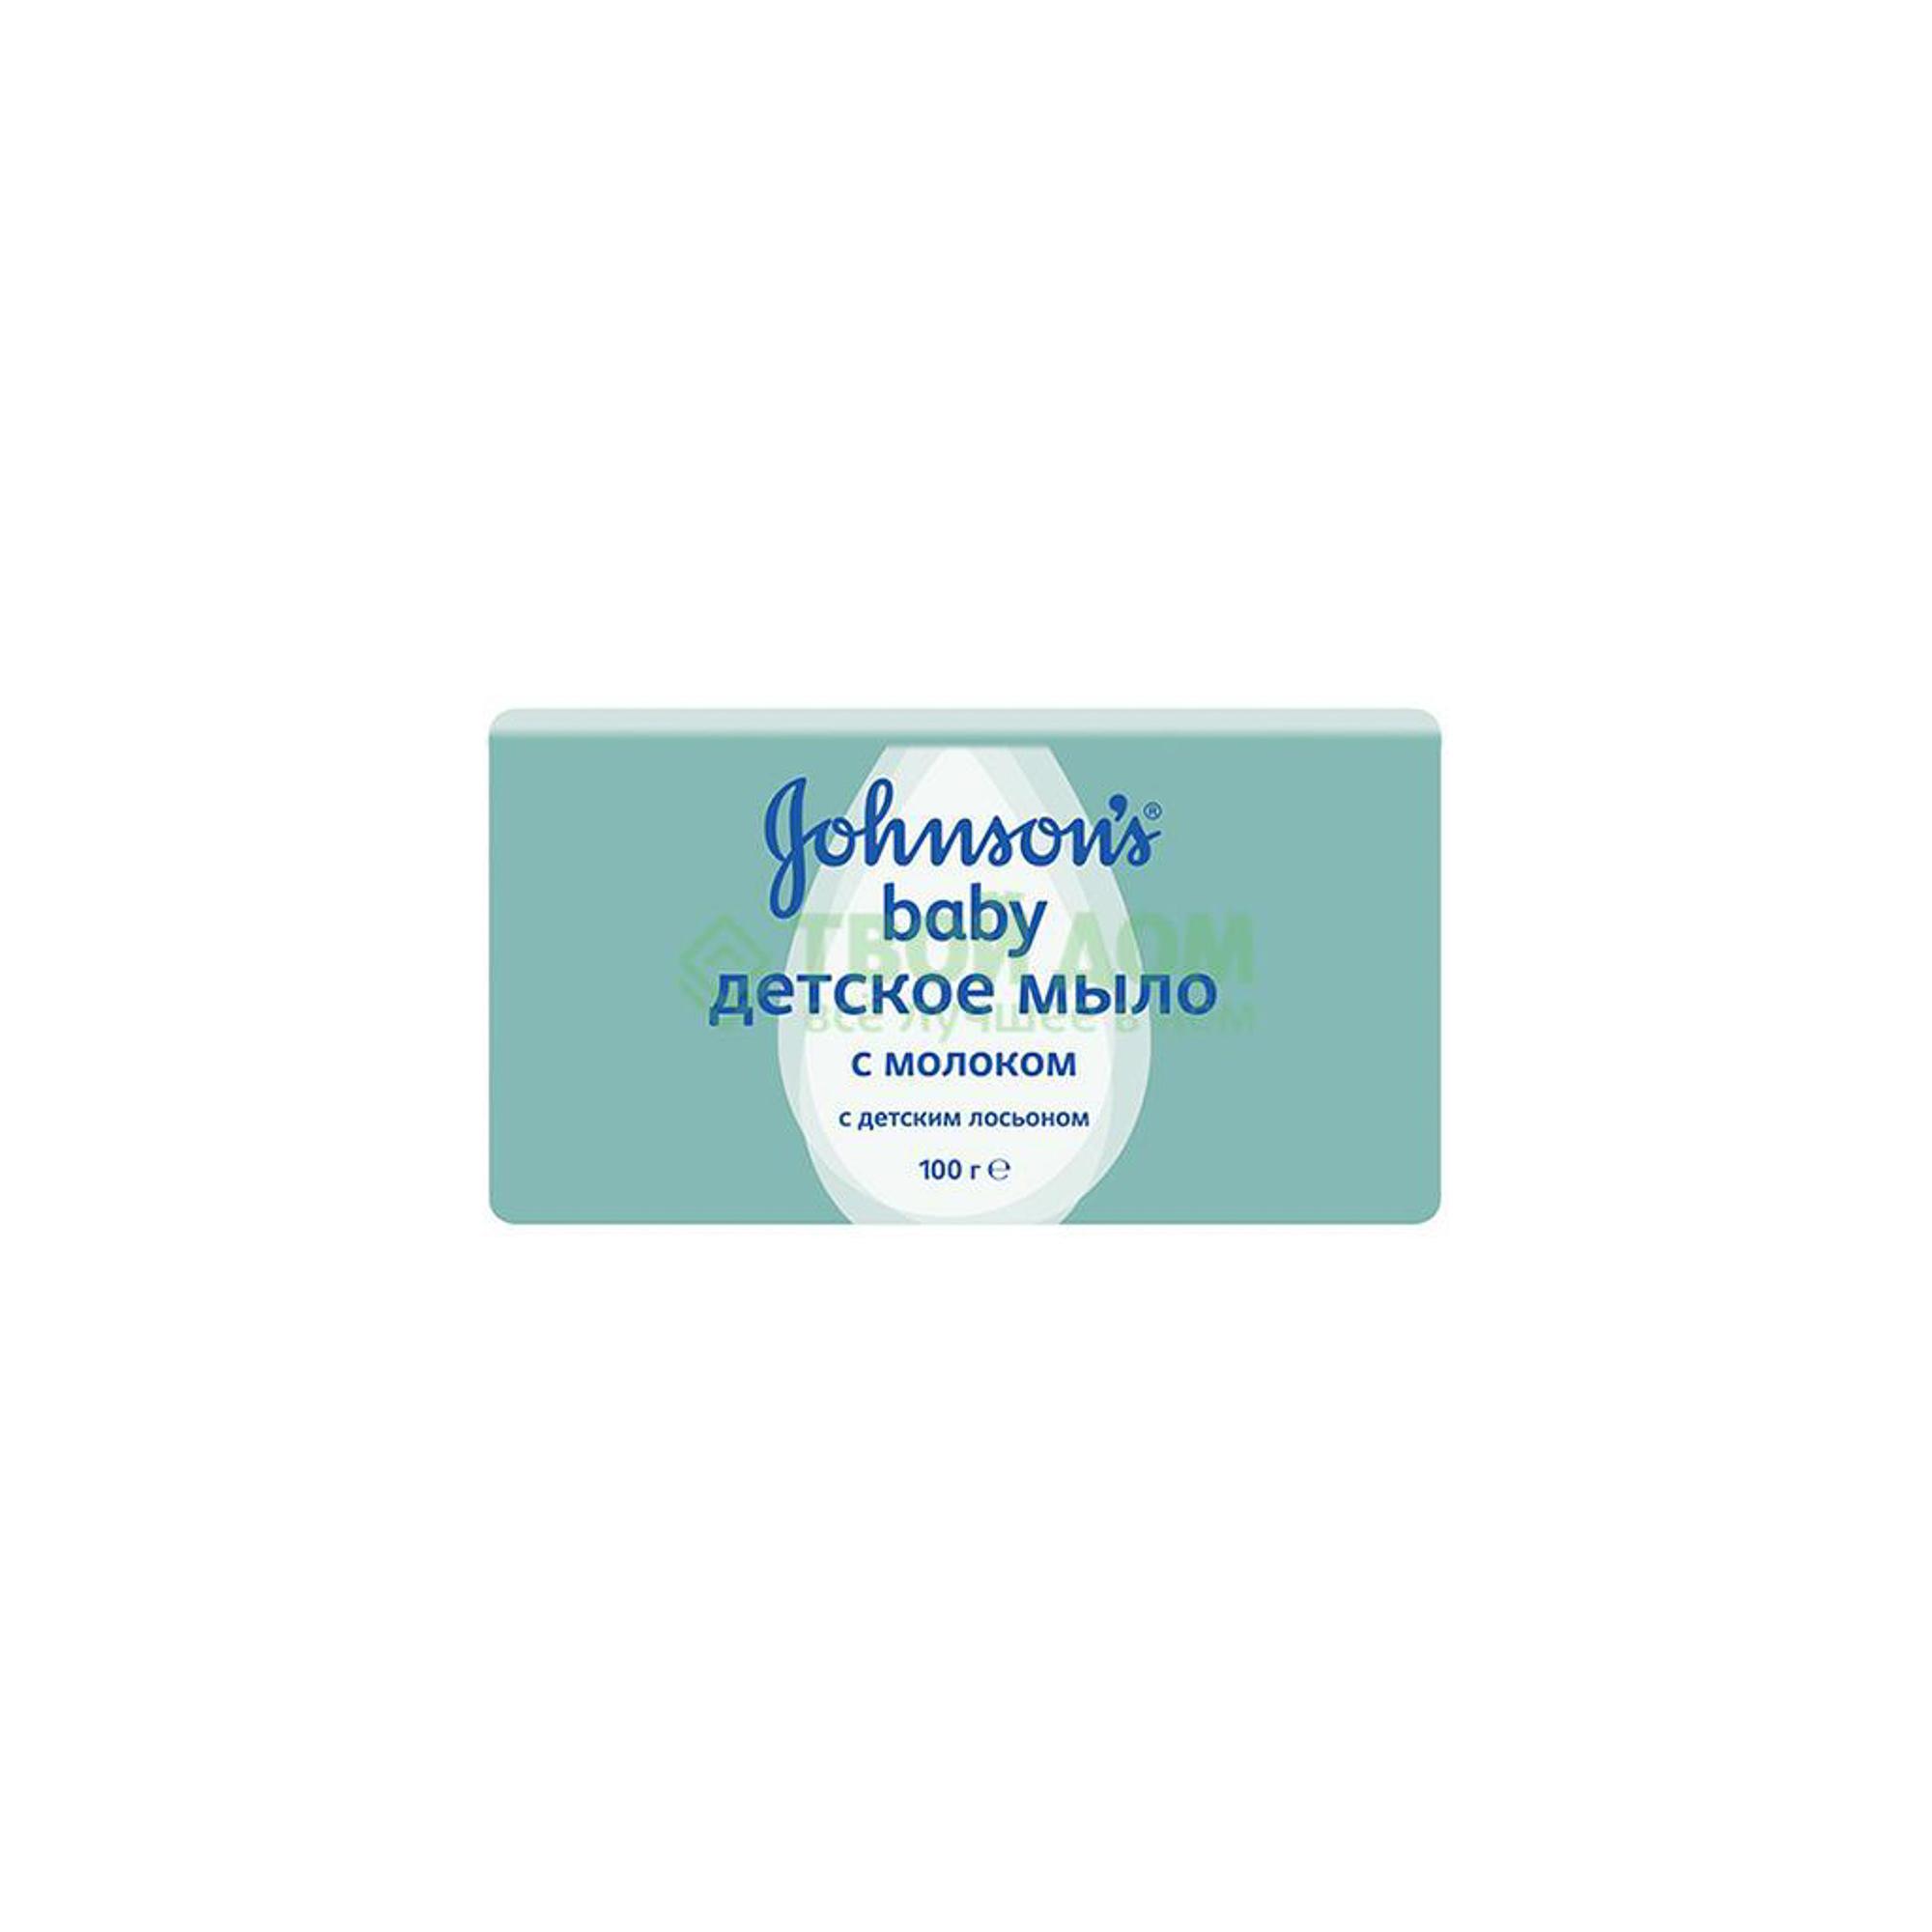 Купить Мыло Johnson's Baby молоком 100 г (3185603, 6777600), Великобритания, синий, унисекс, Средства по уходу за телом и за кожей лица для детей